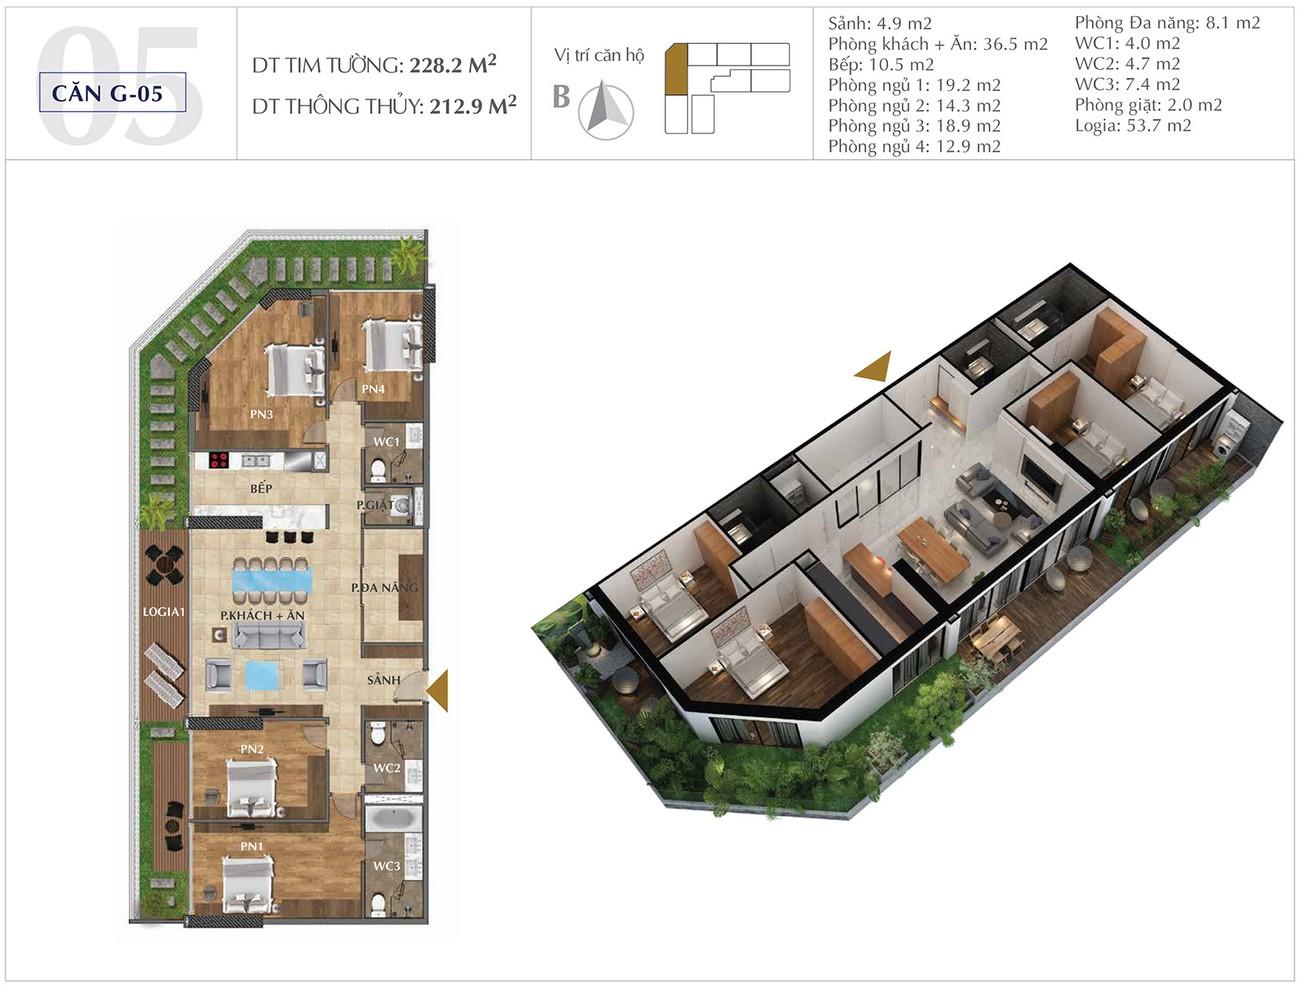 Thiết kế dự án căn hộ chung cư Sunshine Golden River Quận Tây Hồ KĐT Ciputra chủ đầu tư Sunshine Group